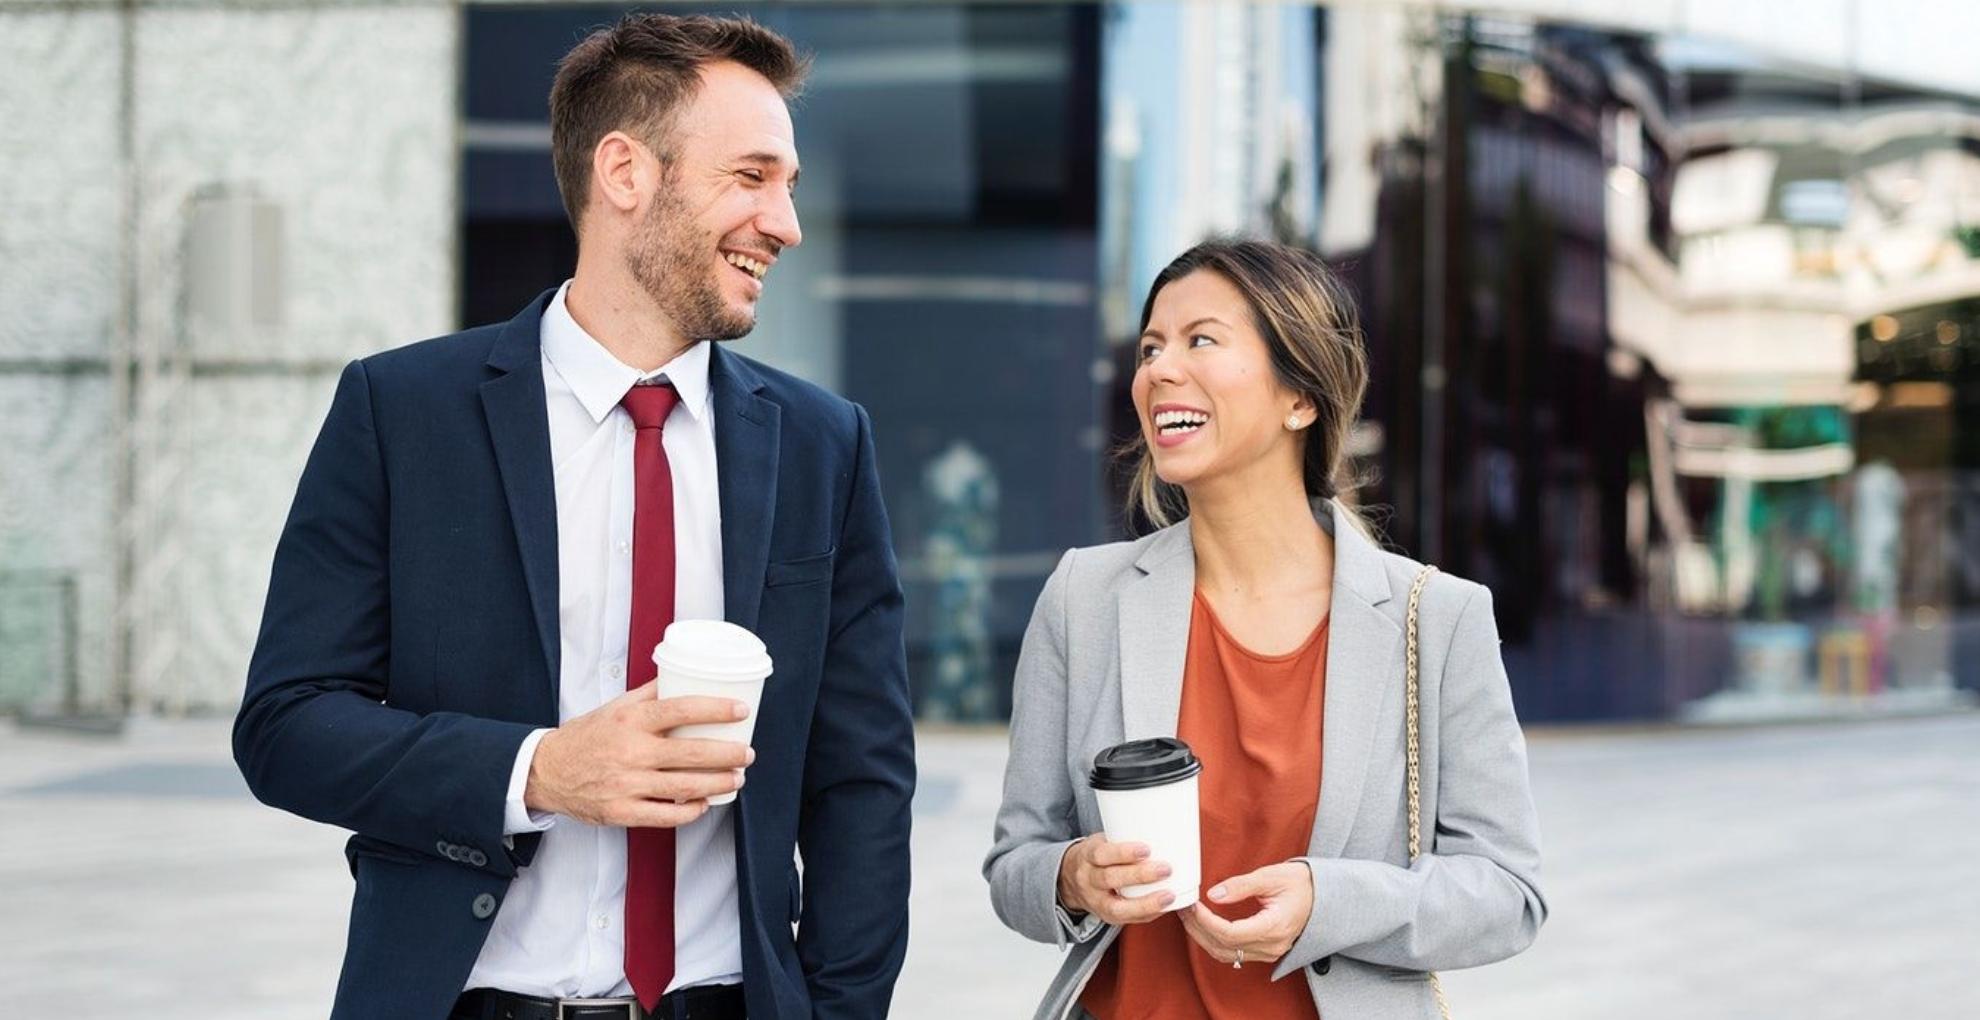 Office Tips: ऑफिस में ना रहें चुपचाप, अपने साथियों संग जमकर करें बात, इससे आपके शरीर को होगा ये फायदा